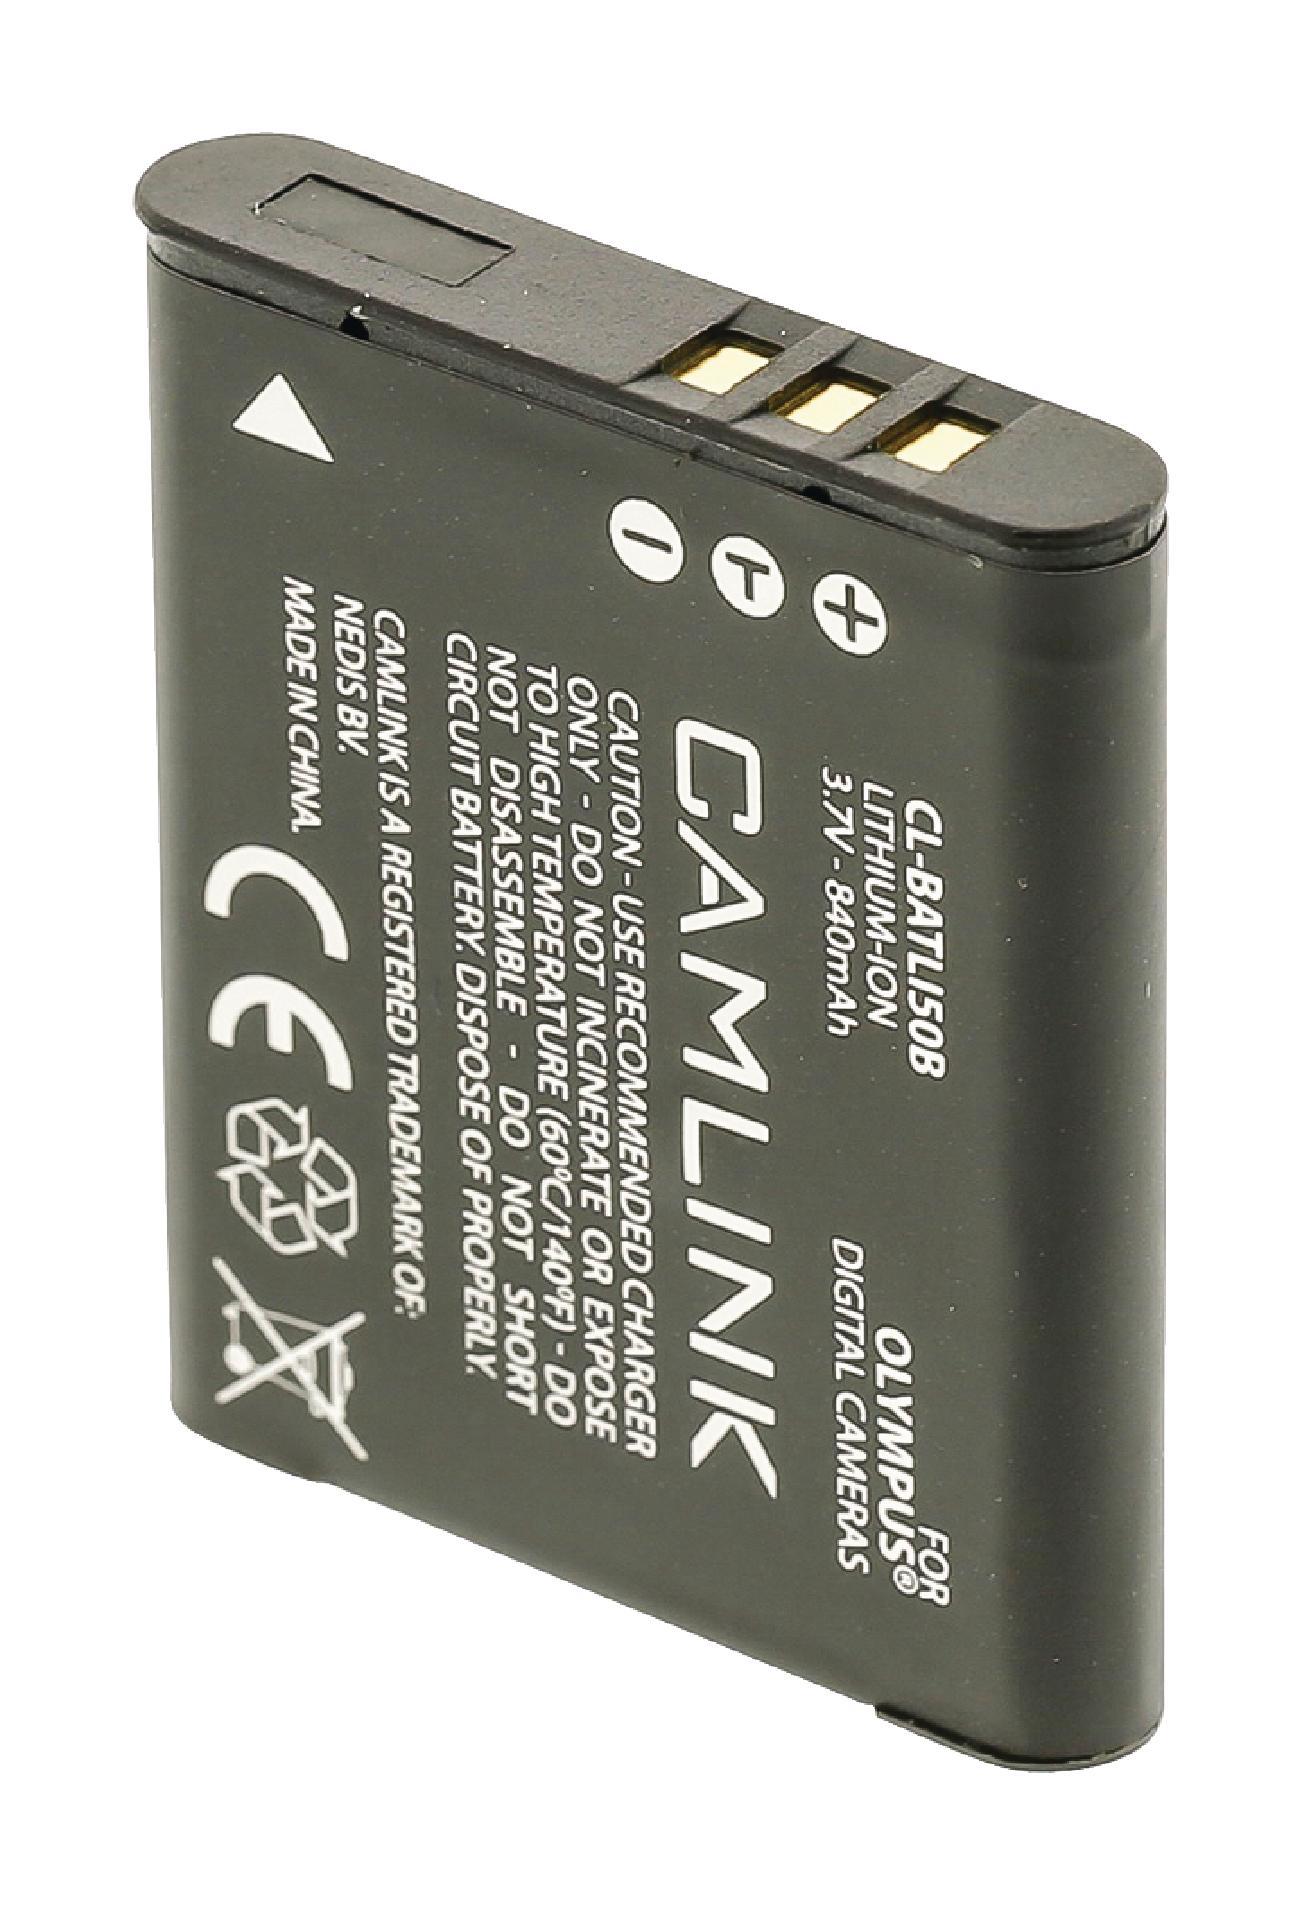 Lithium-Ionen Kameraakku 3.7 V 840 mAh